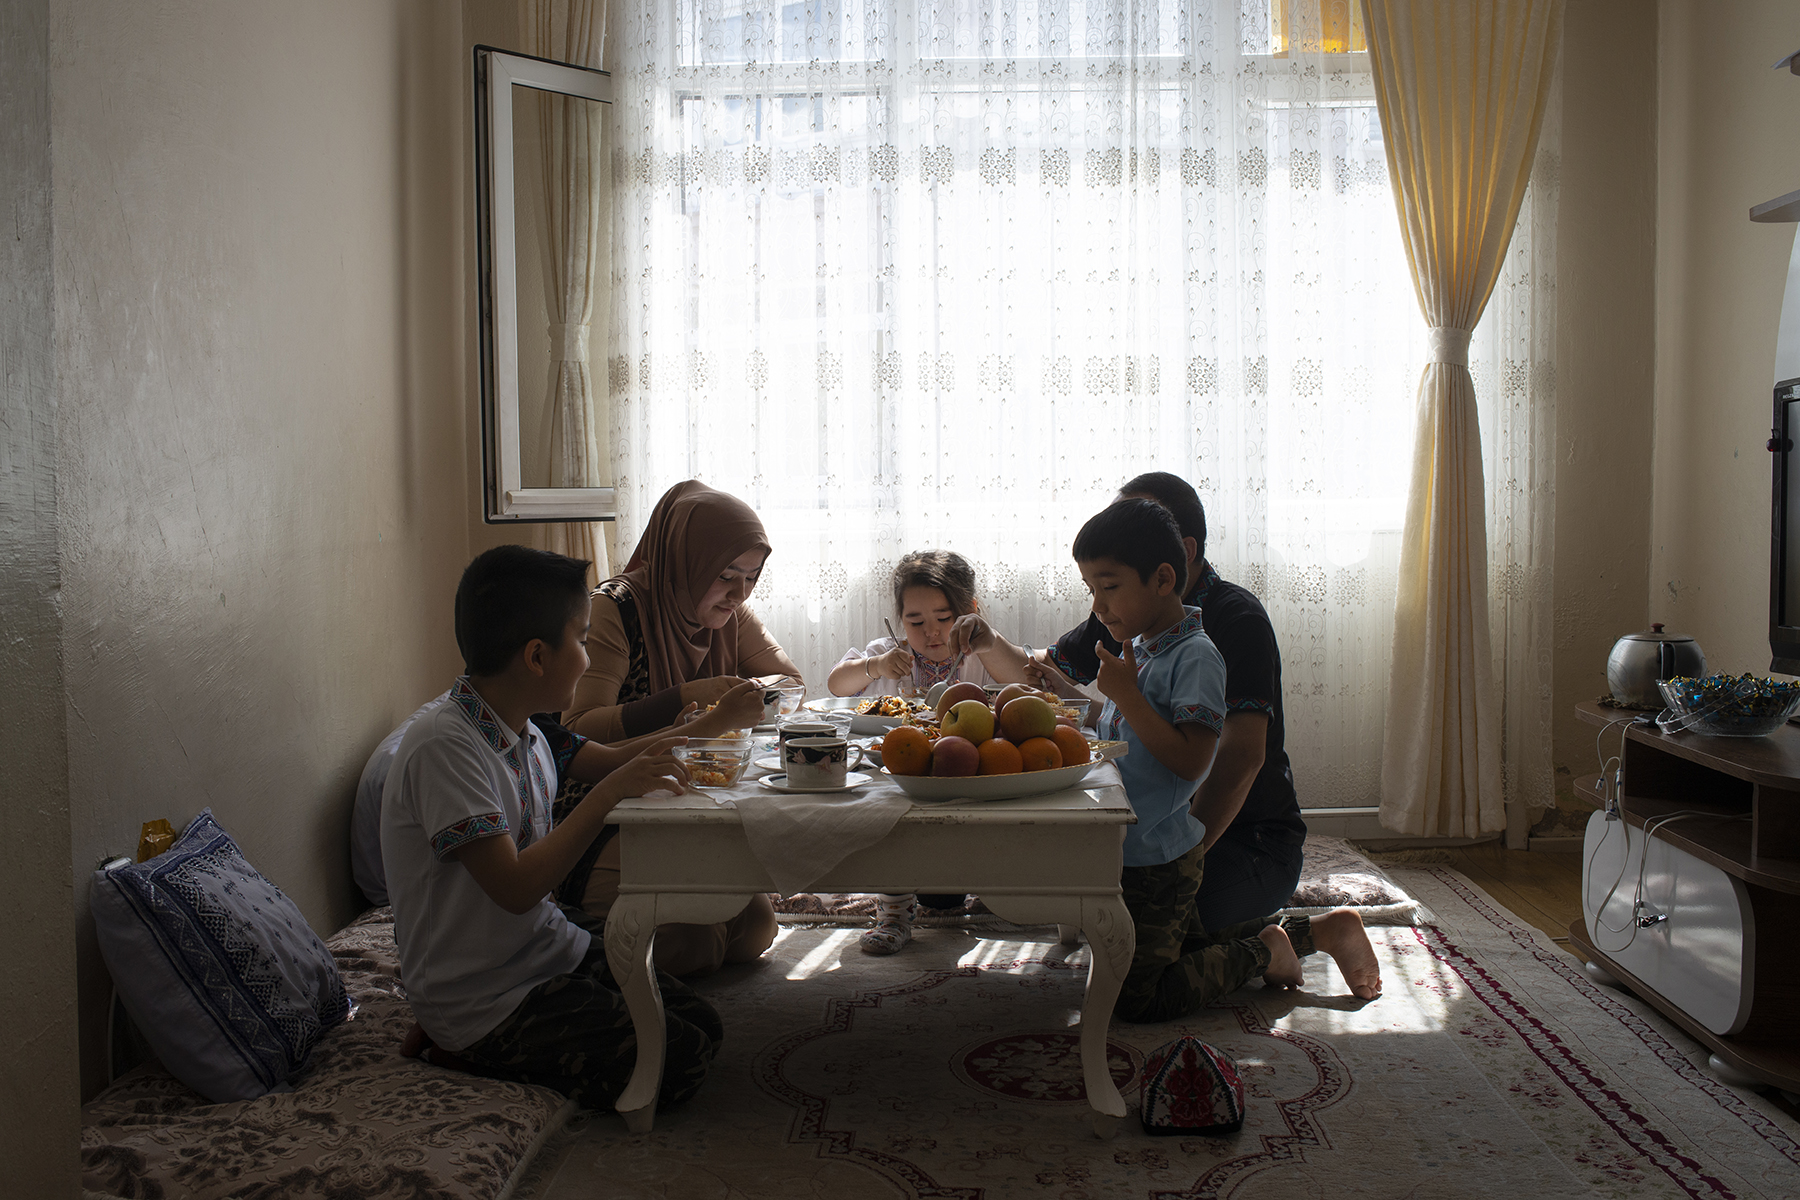 The Capital of East Turkestan Is Now in Turkey 25